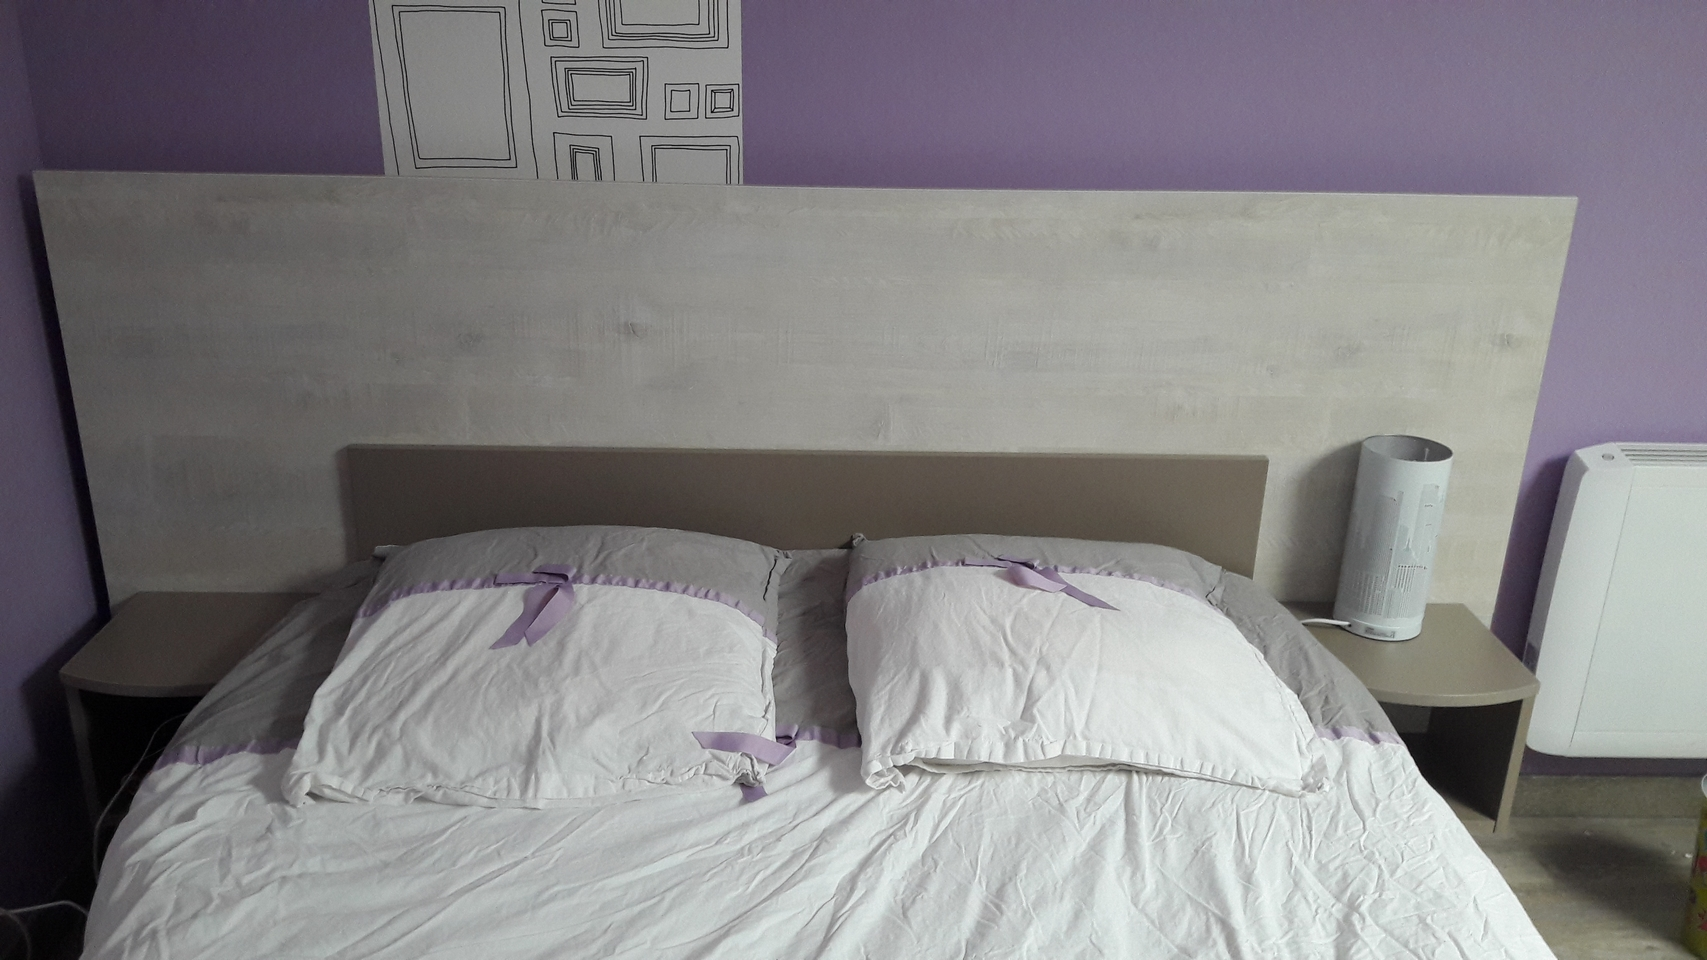 Tête de lit assortie au placard